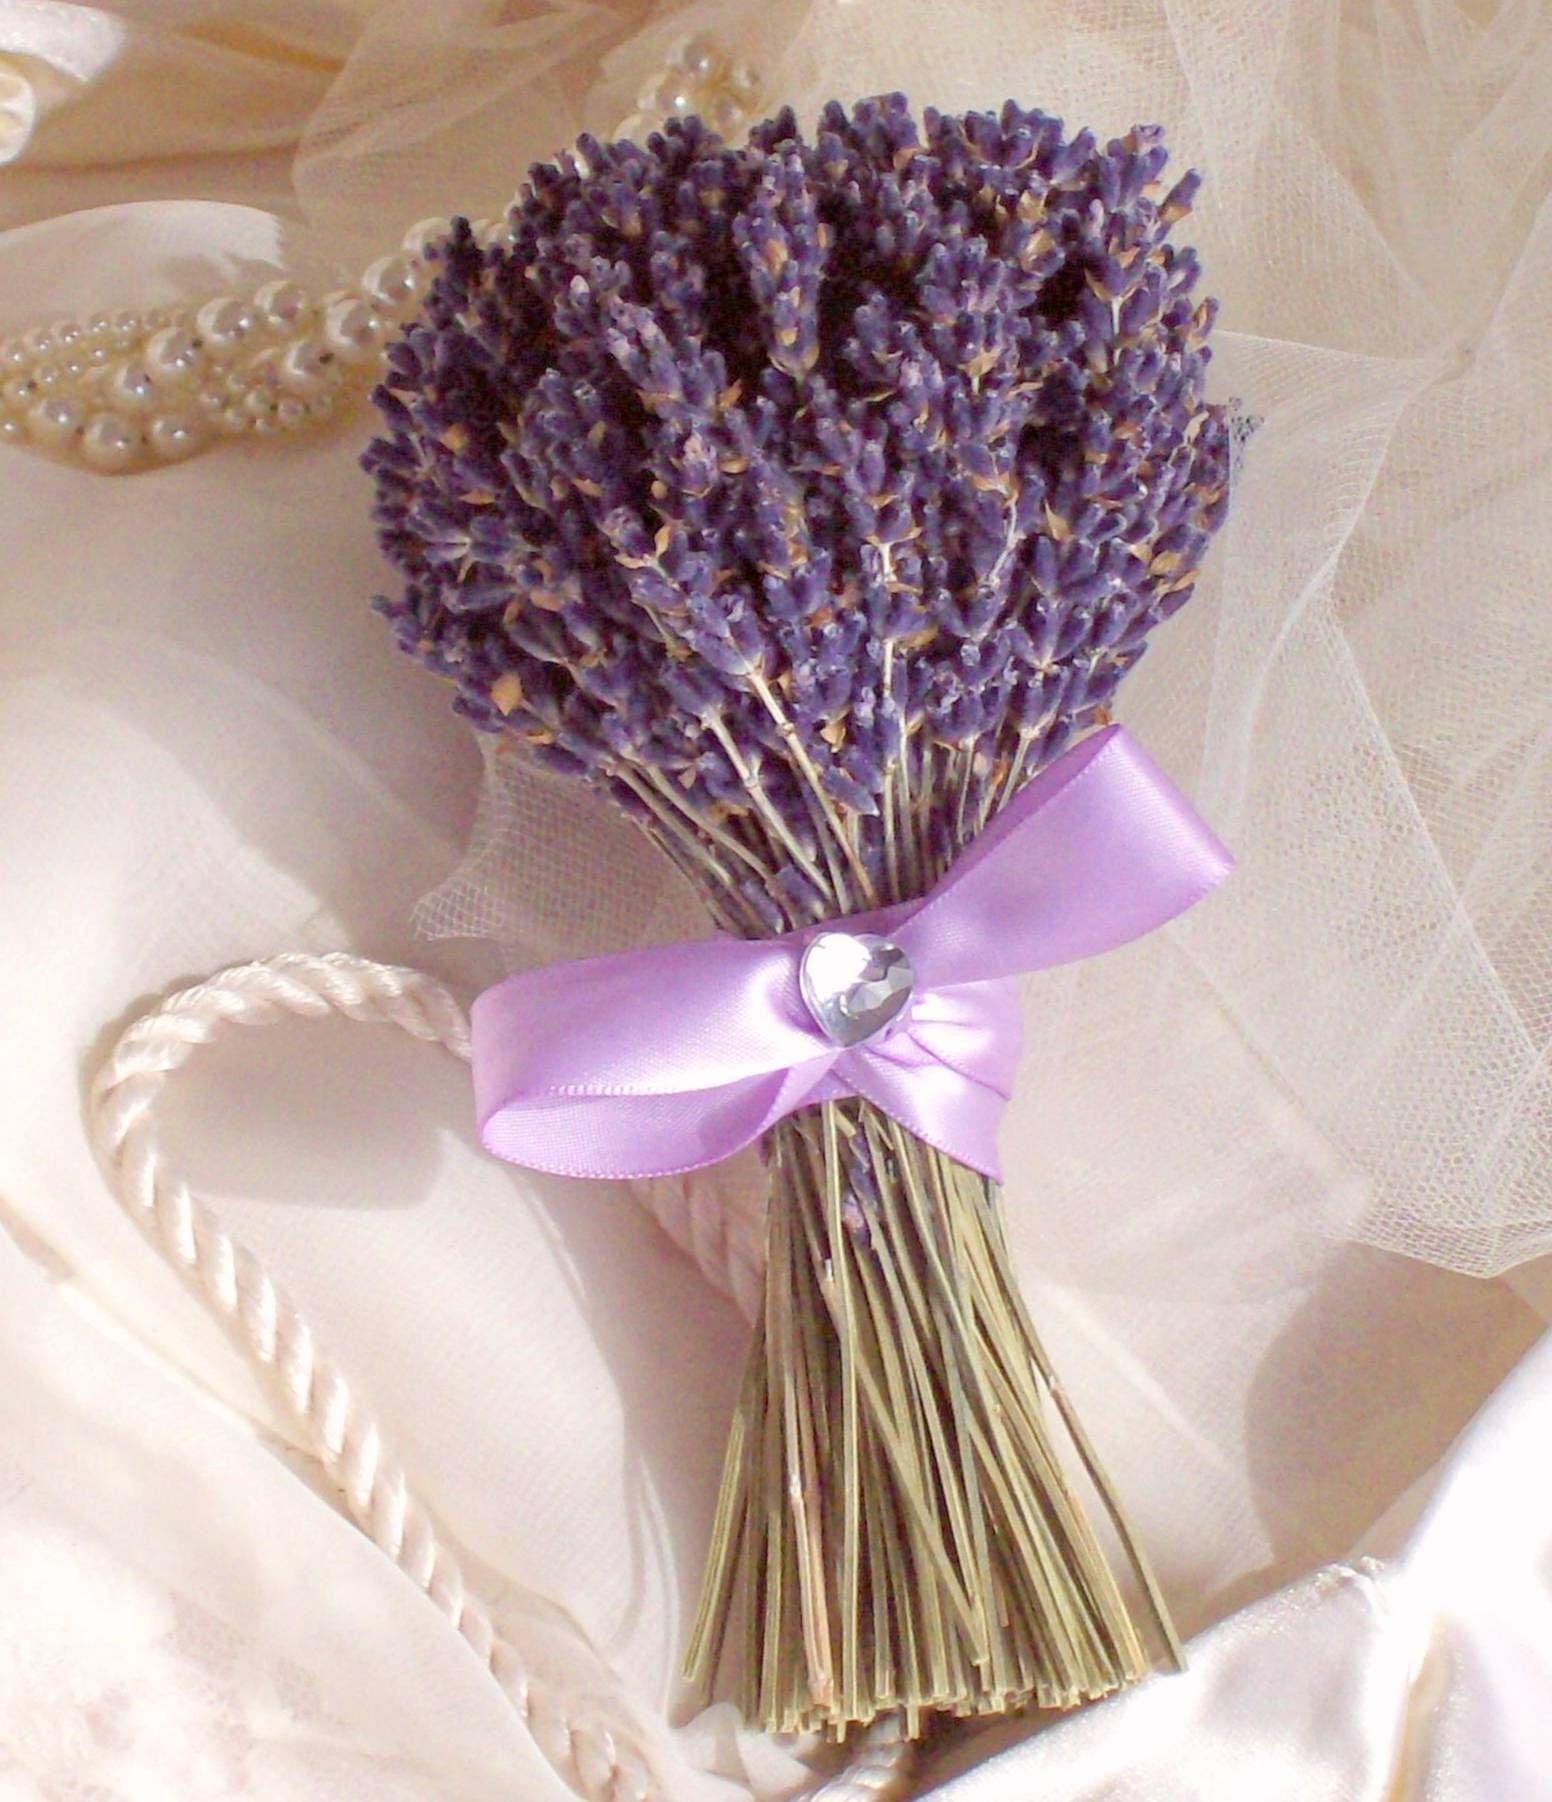 lavender flower bouquet | Lavender bouquet for your lavender ...